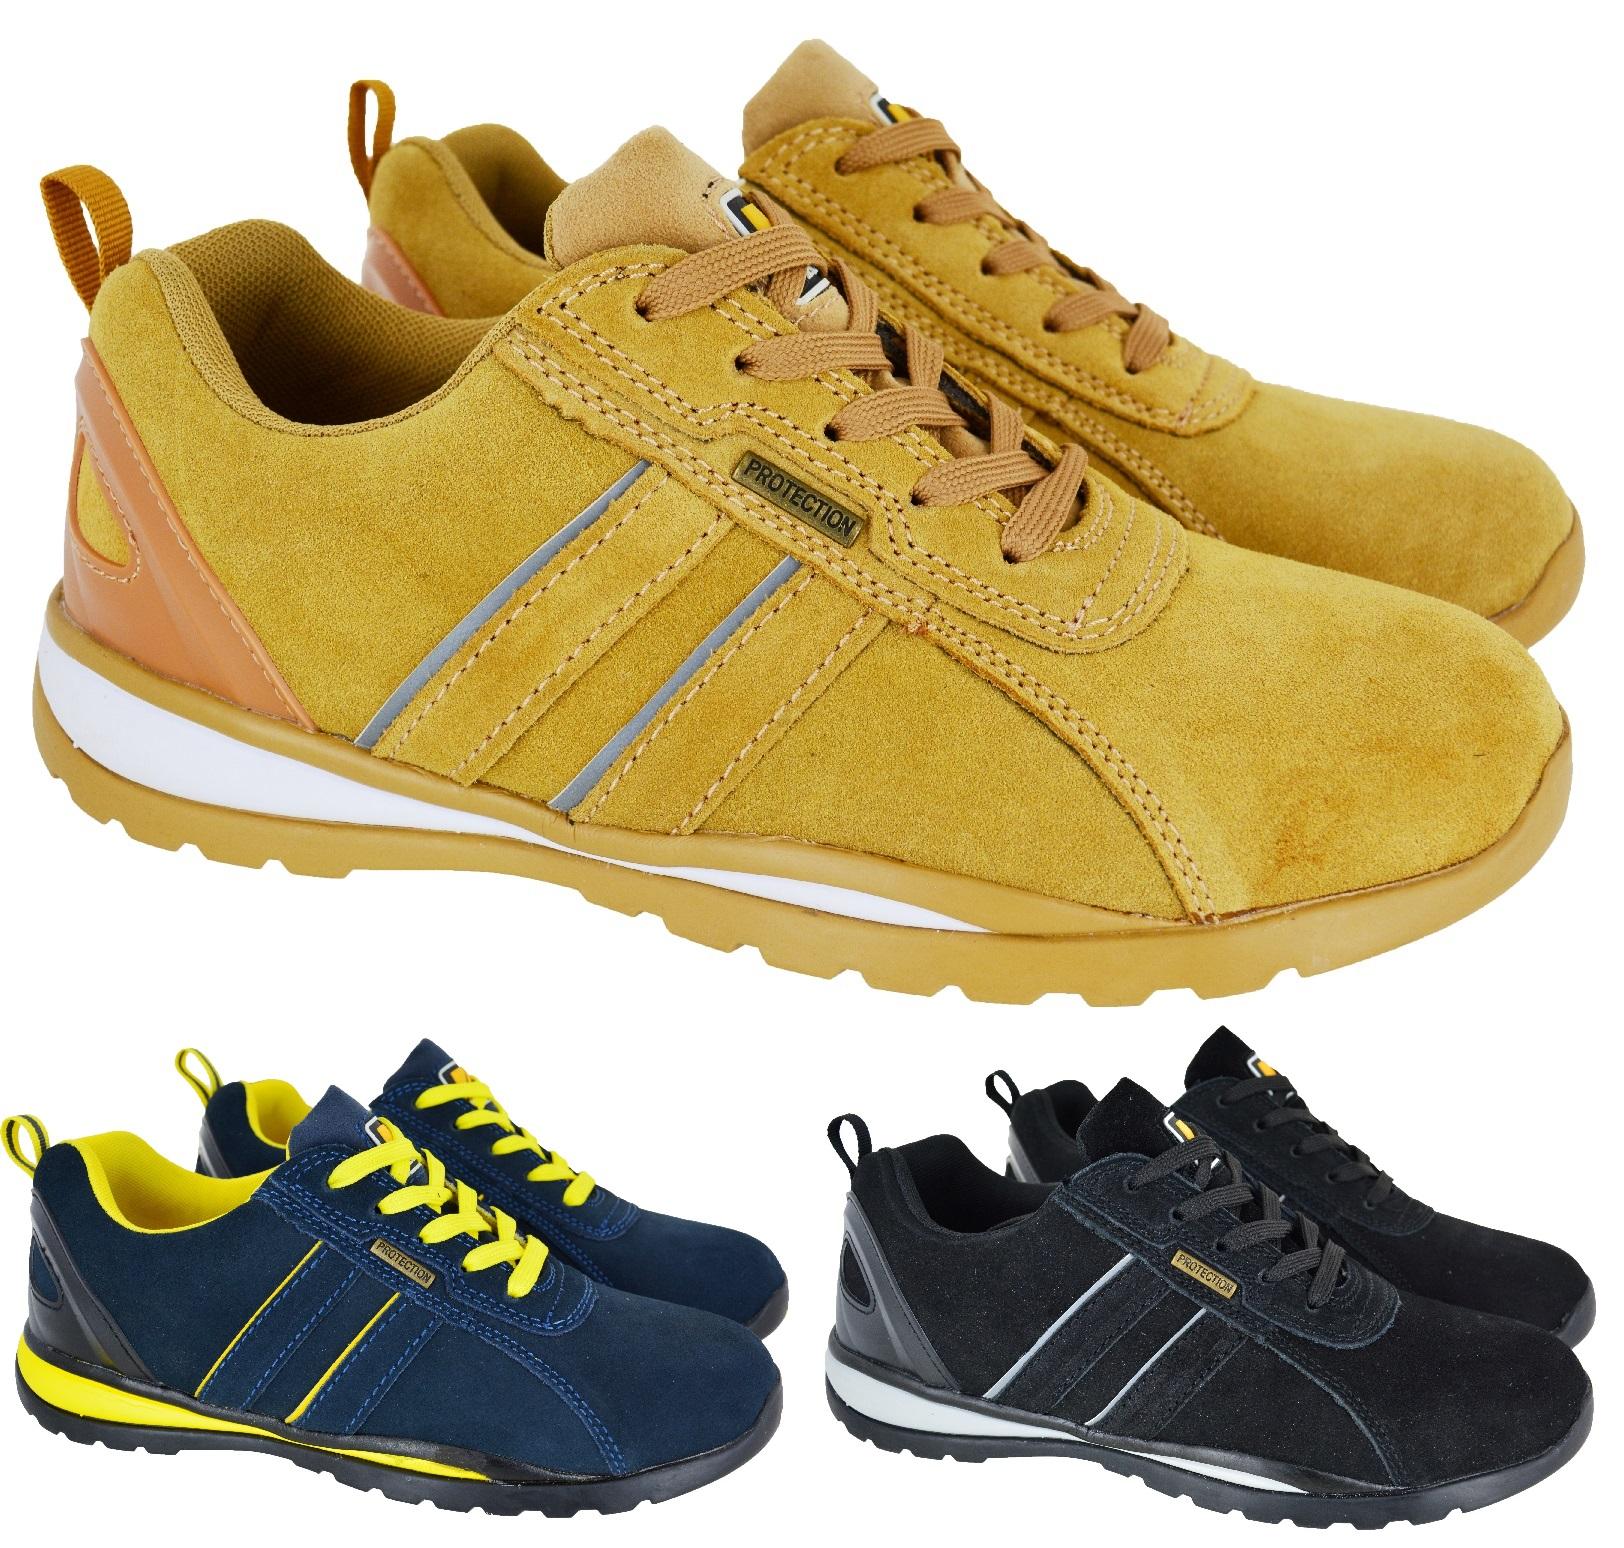 Utile Construction En Cuir Baskets De Sécurité Homme Léger En Acier Bouts Bottes Chaussures Taille-afficher Le Titre D'origine